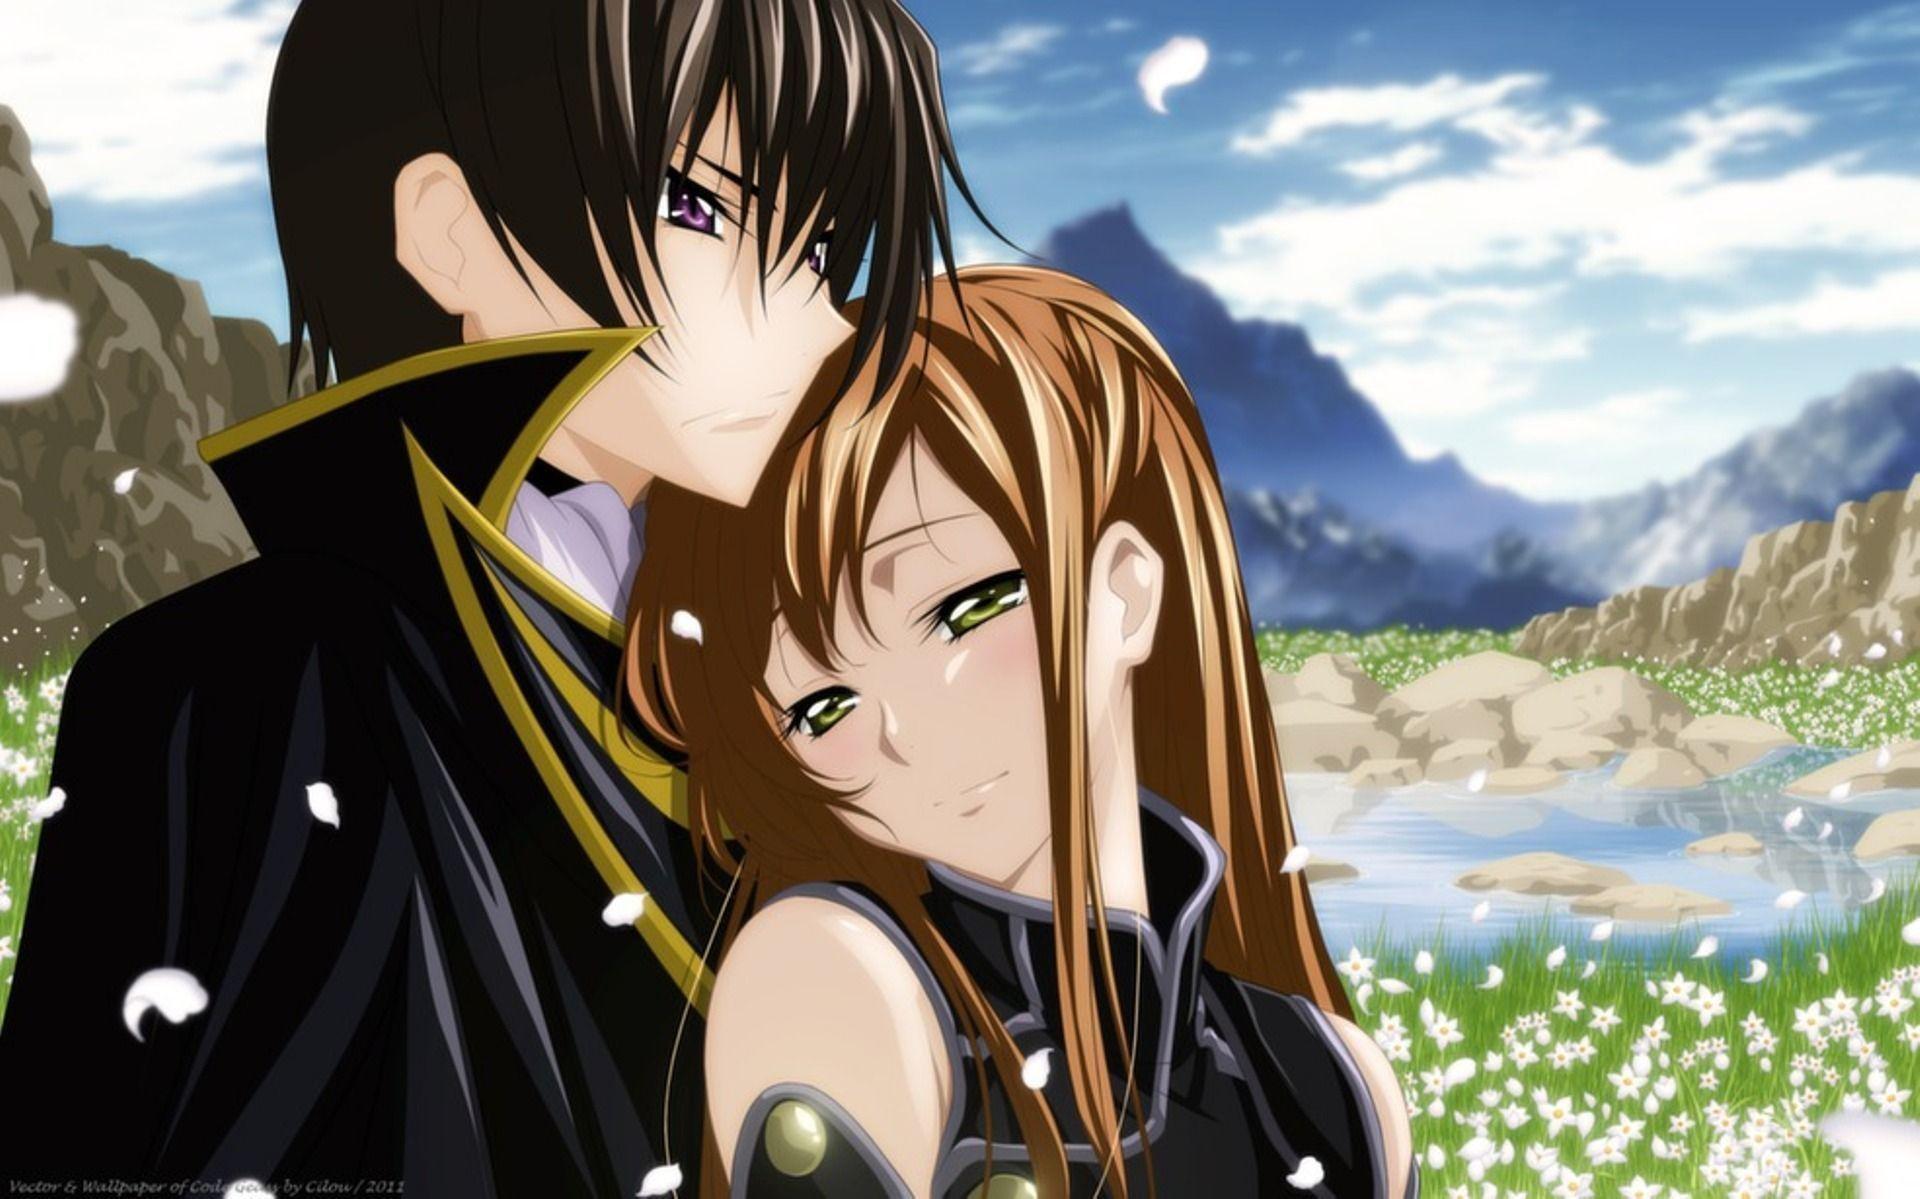 Anime Hug Wallpaper (57+ images)